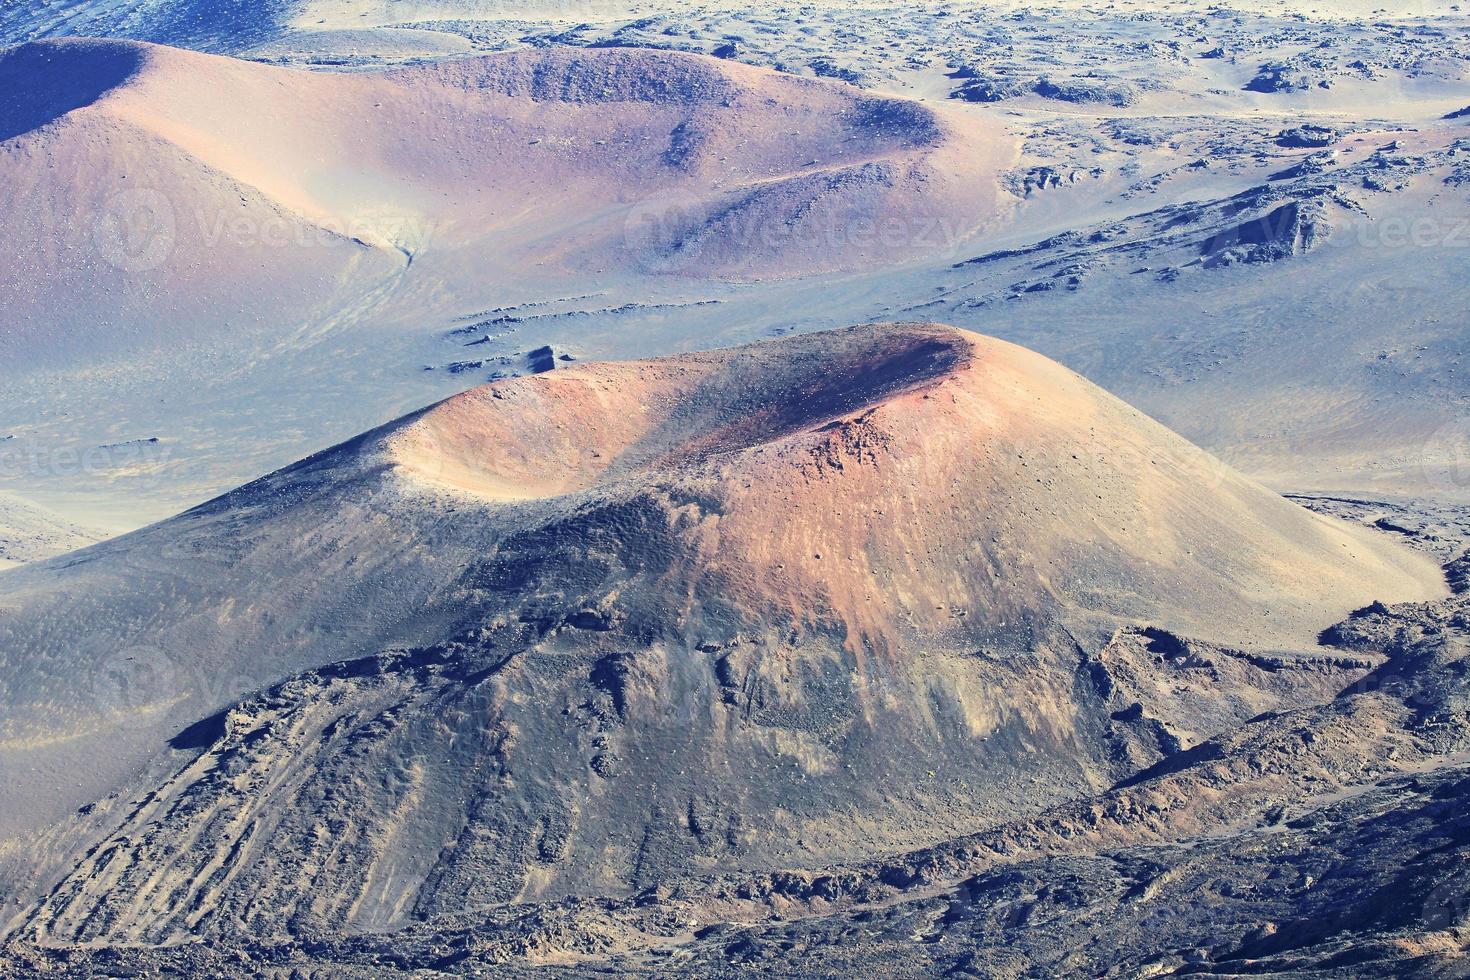 cratère olii kama érodé photo